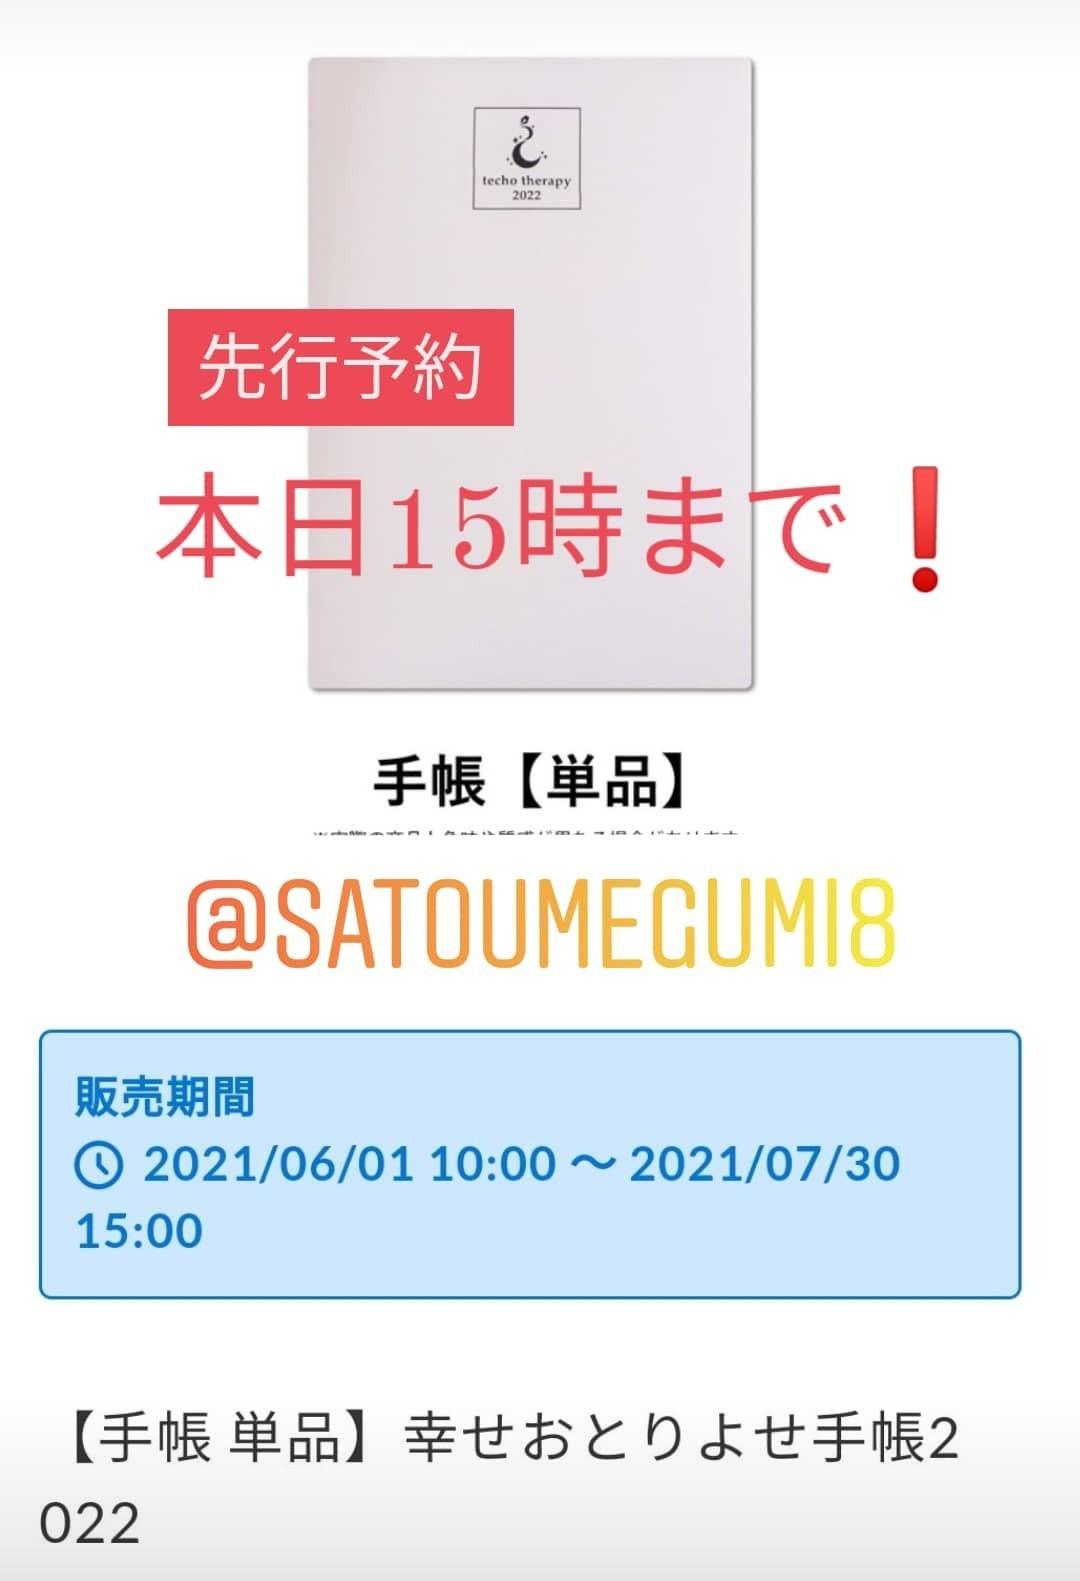 【お知らせ】「幸せおとりよせ手帳2022」先行予約本日15時まで❗_f0164842_13355381.jpg